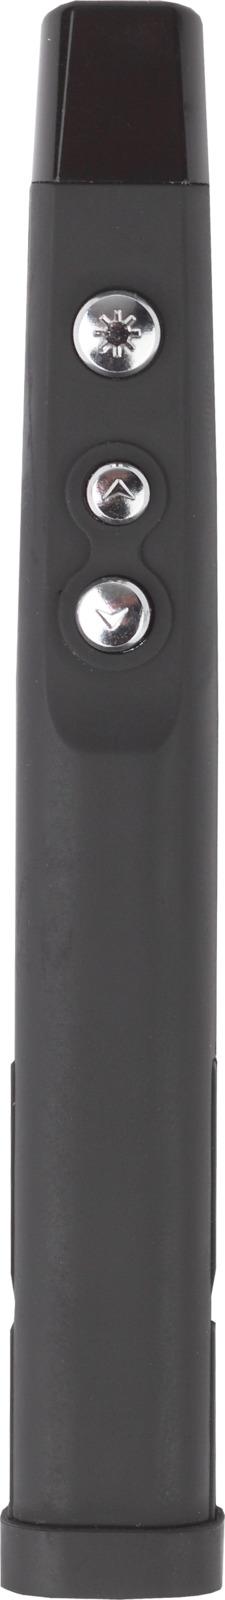 лучшая цена Презентер Intro PS320, черный